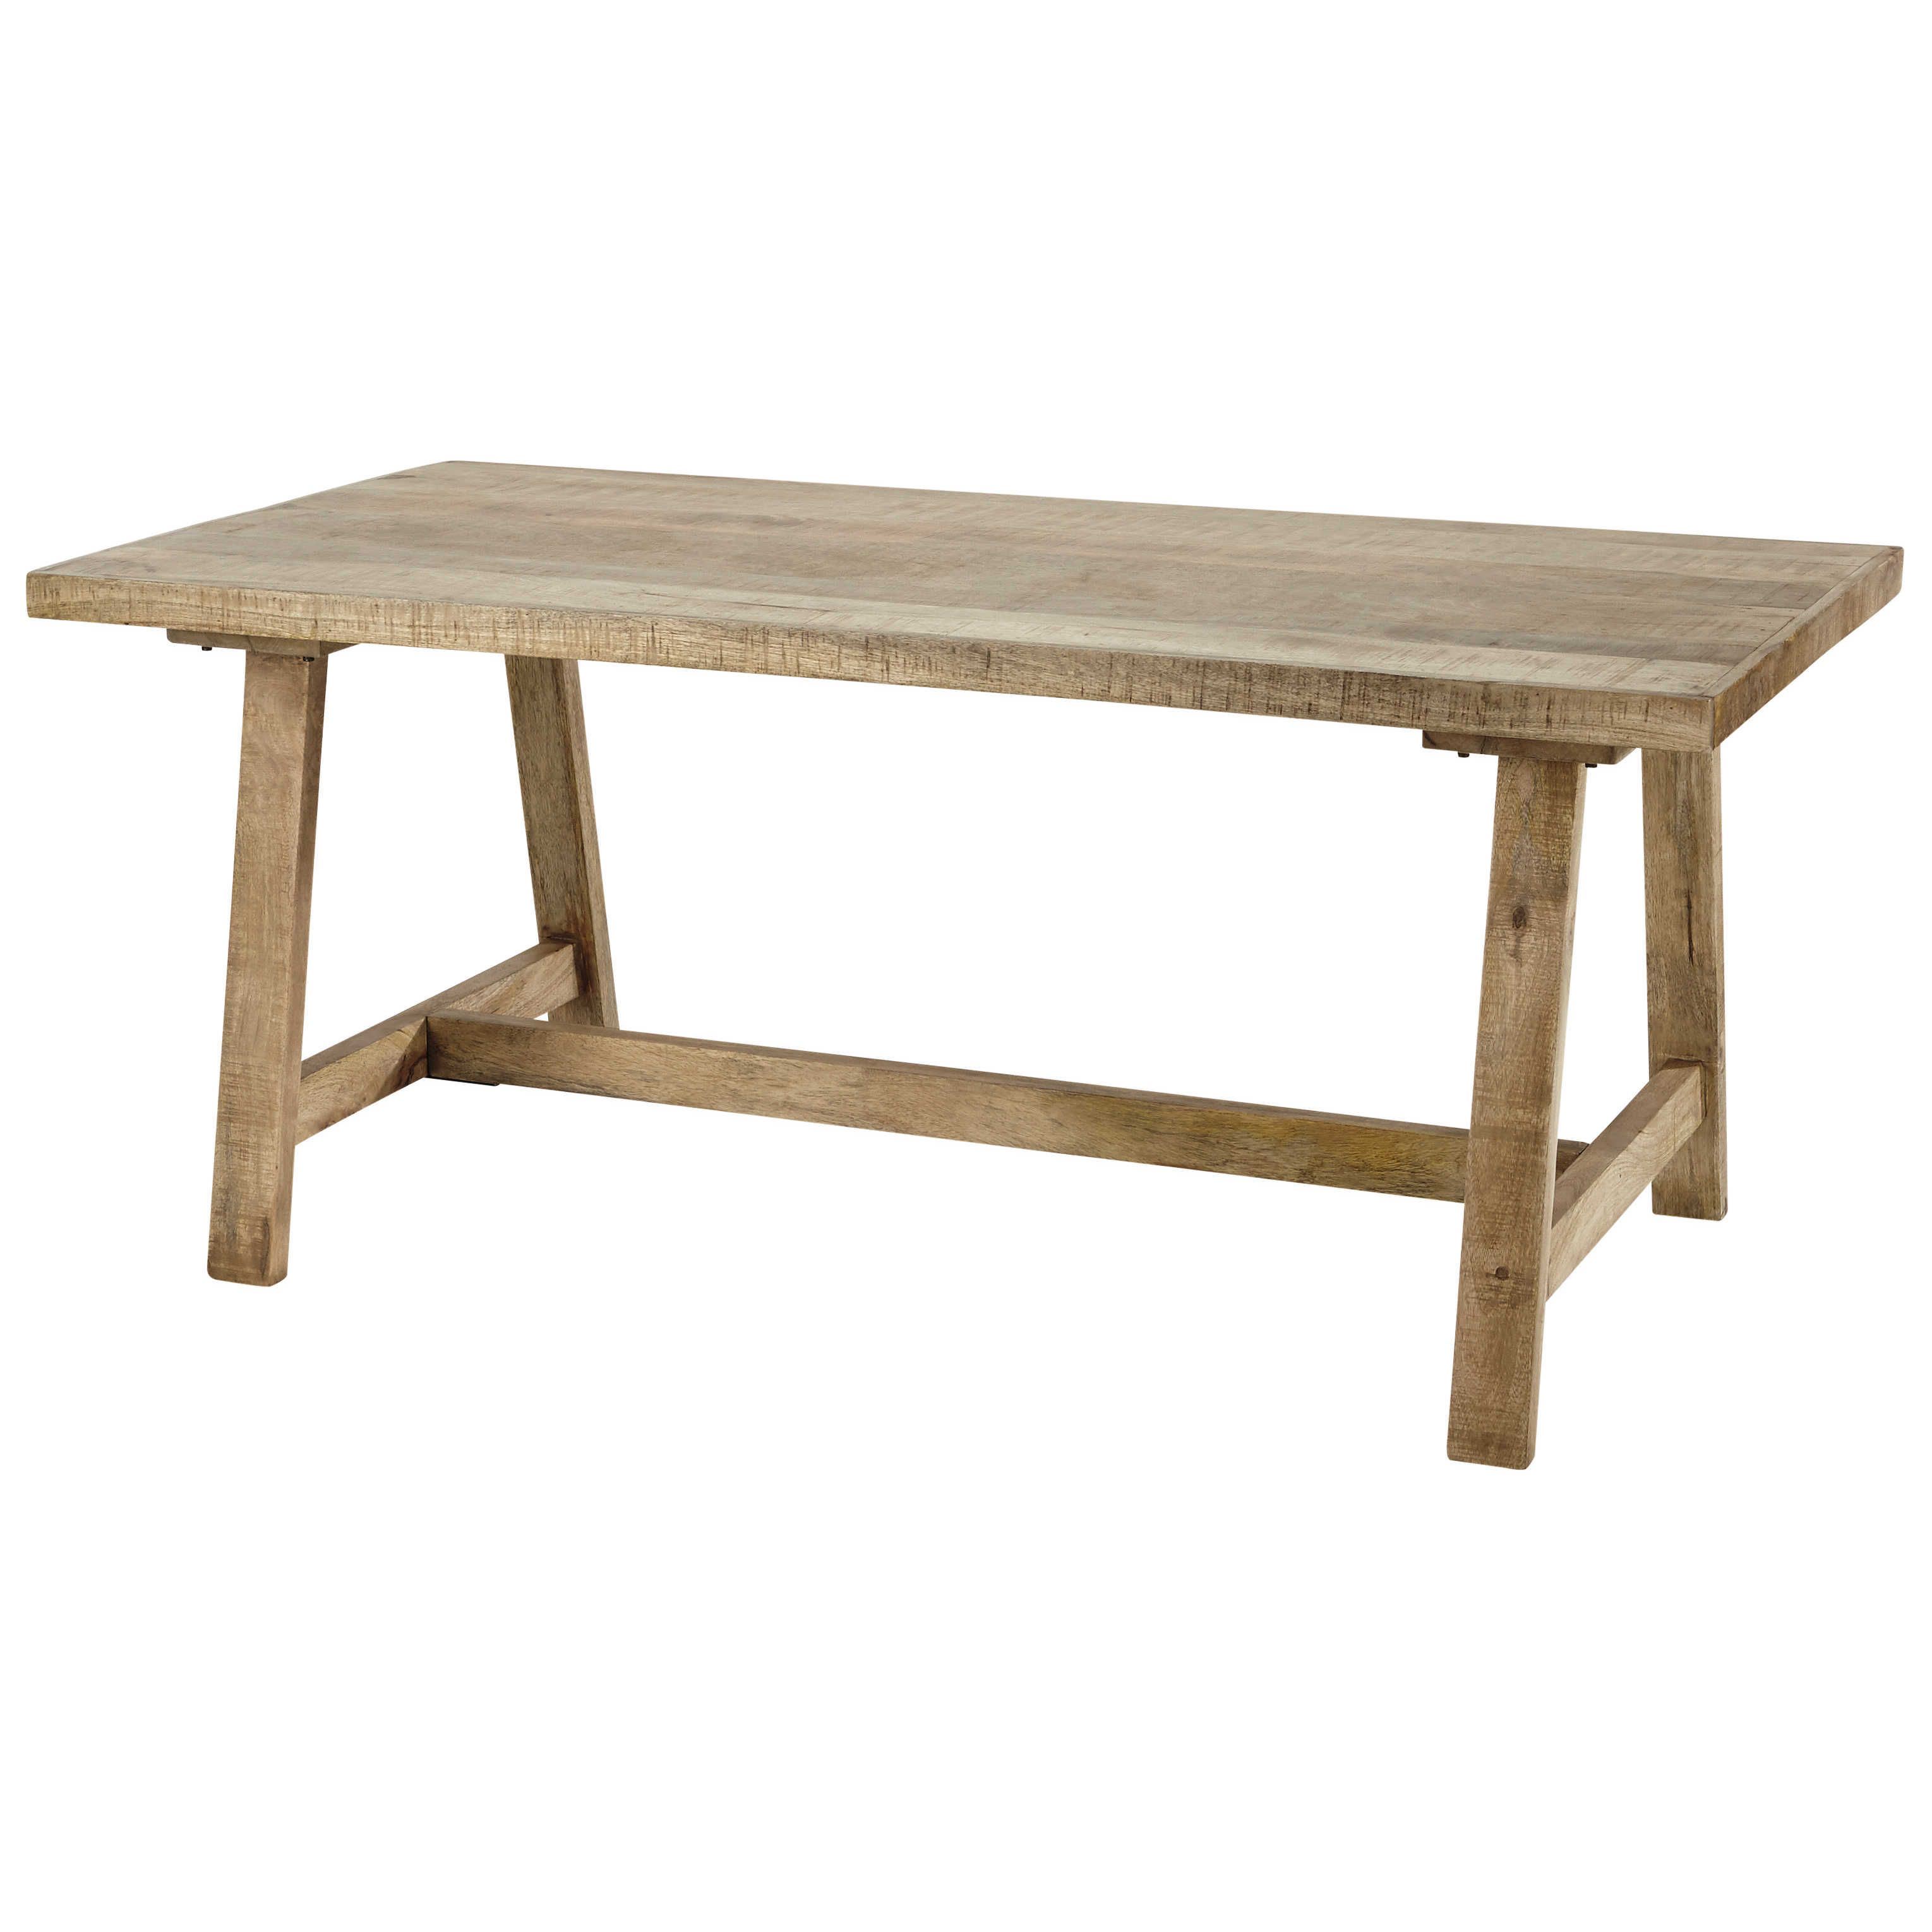 Table Et Chaise Bistrot Cool Chaises Ton Lot De En Bois